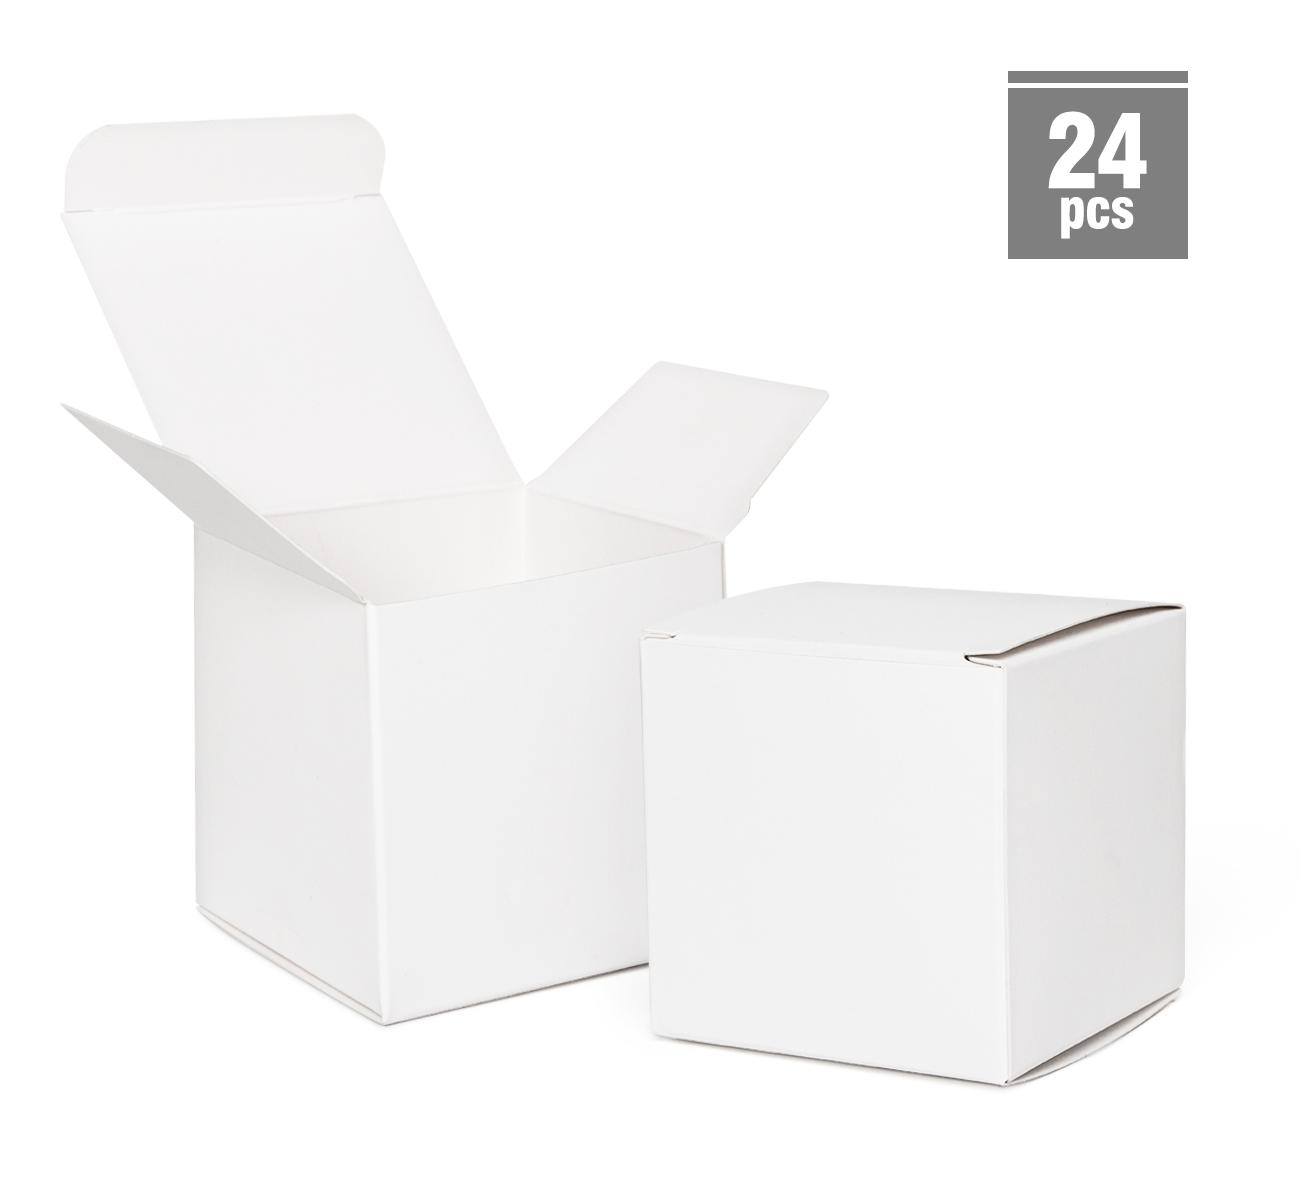 Geschenkboxen Hochzeit mit Aufkleber Gastgeschenke Box Adventskalender 24 Stk